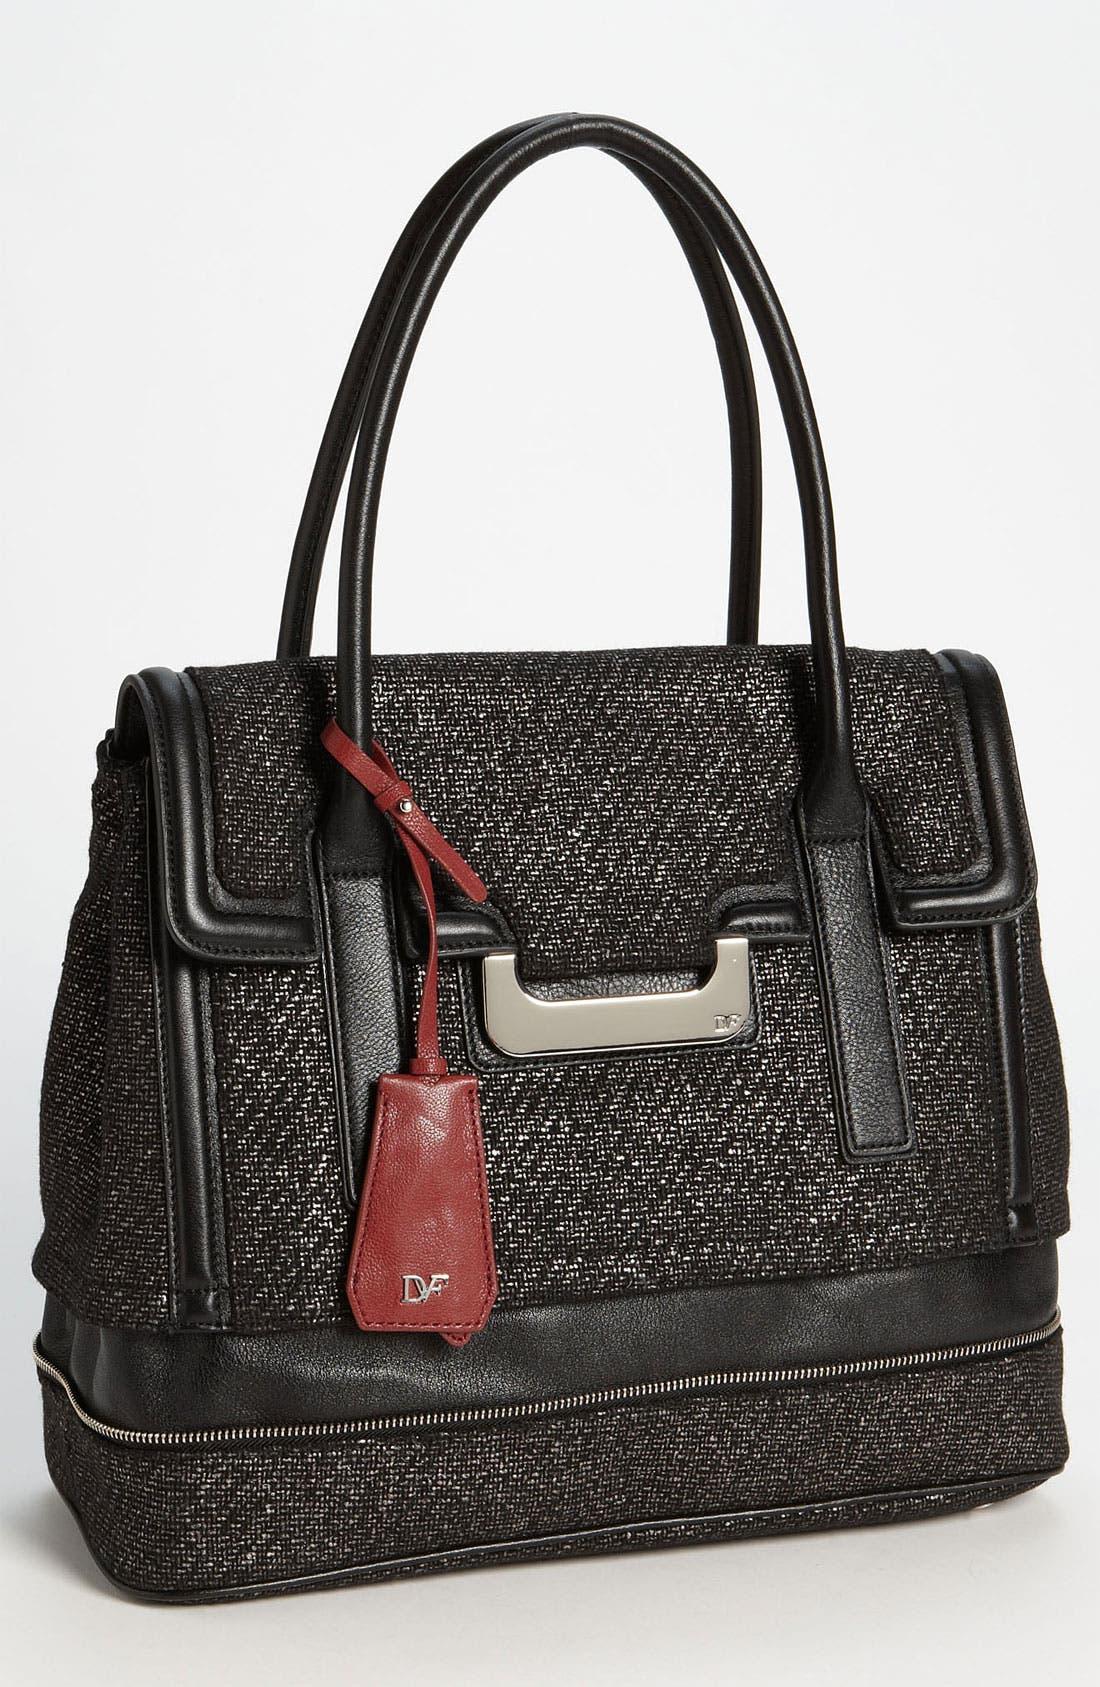 Alternate Image 1 Selected - Diane von Furstenberg 'New Harper - Laurel' Tweed Shoulder Bag